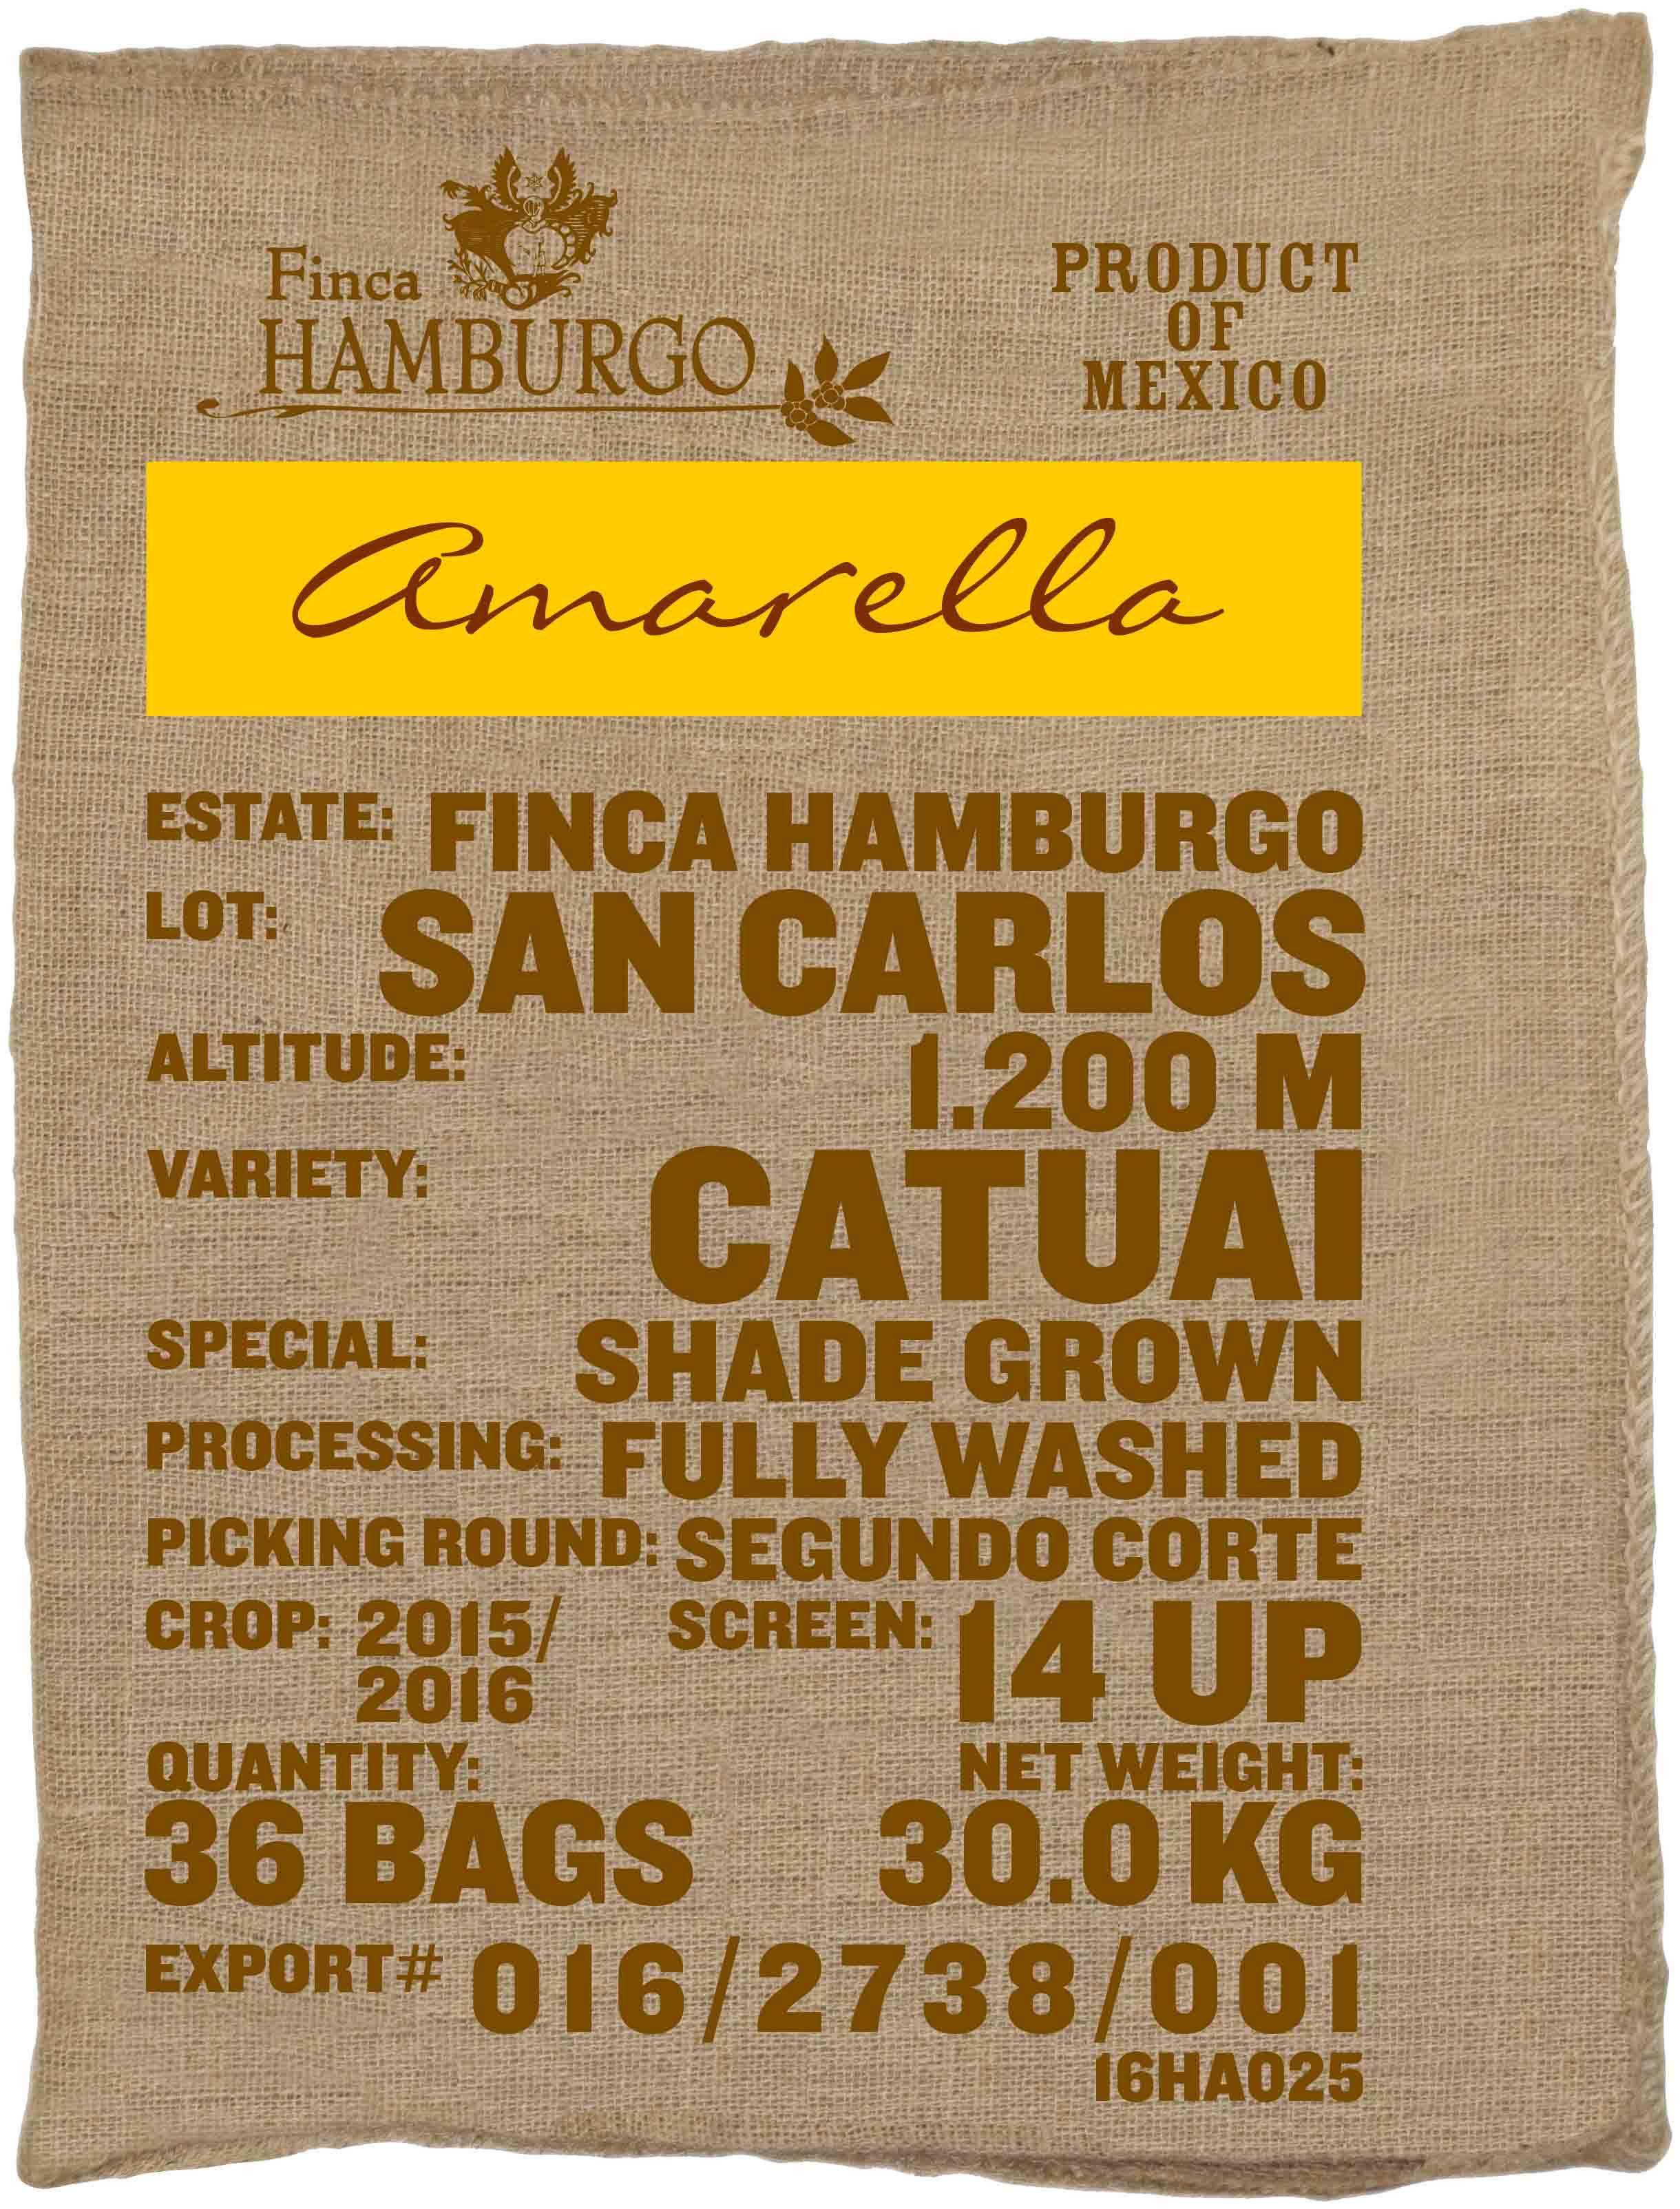 Ein Rohkaffeesack amarella Parzellenkaffee Varietät Catuai. Finca Hamburgo Lot San Carlos.